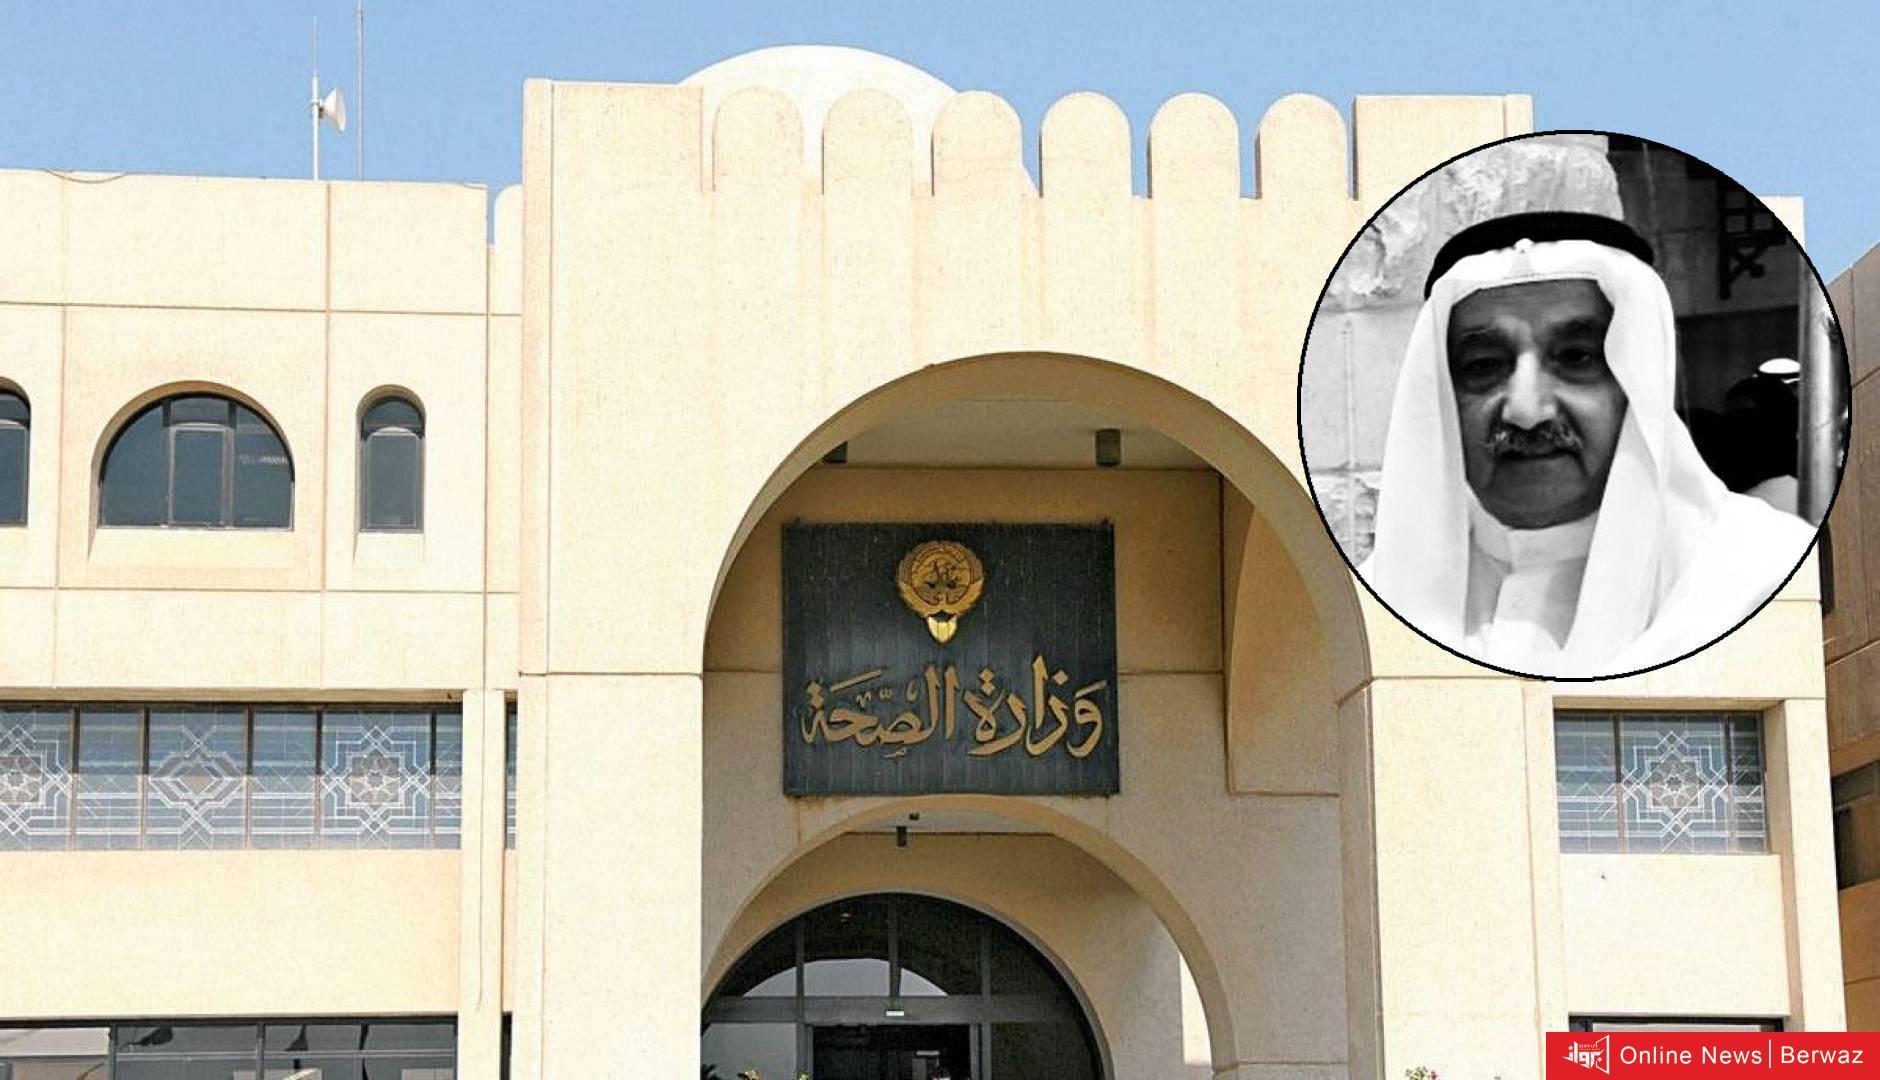 111111111111111111 649052 highres - وفاة طبيب كويتي بسبب فيروس كورونا